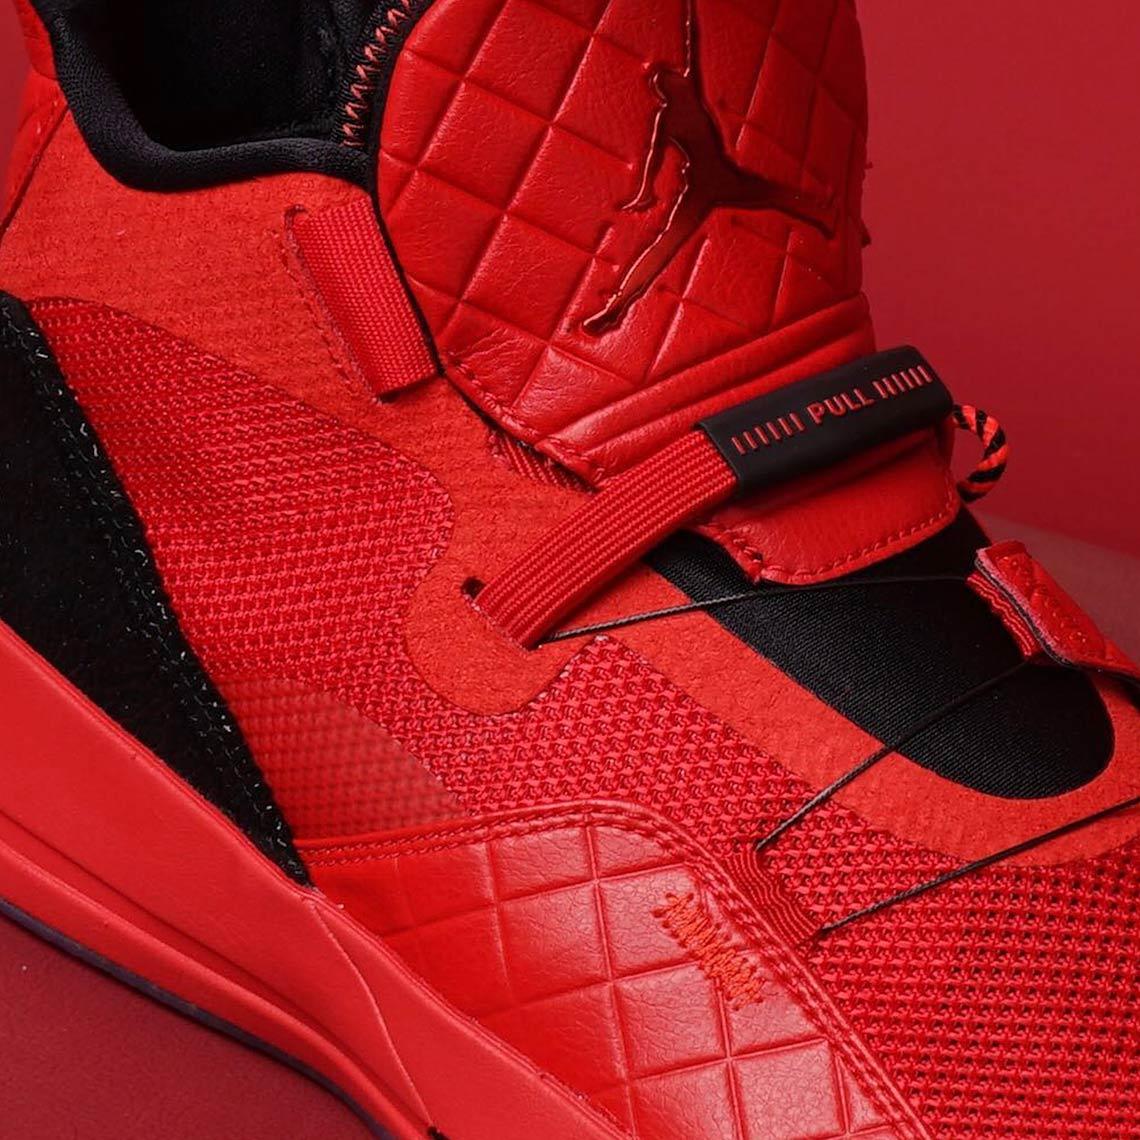 air-jordan-33-red-aq8830-600-6